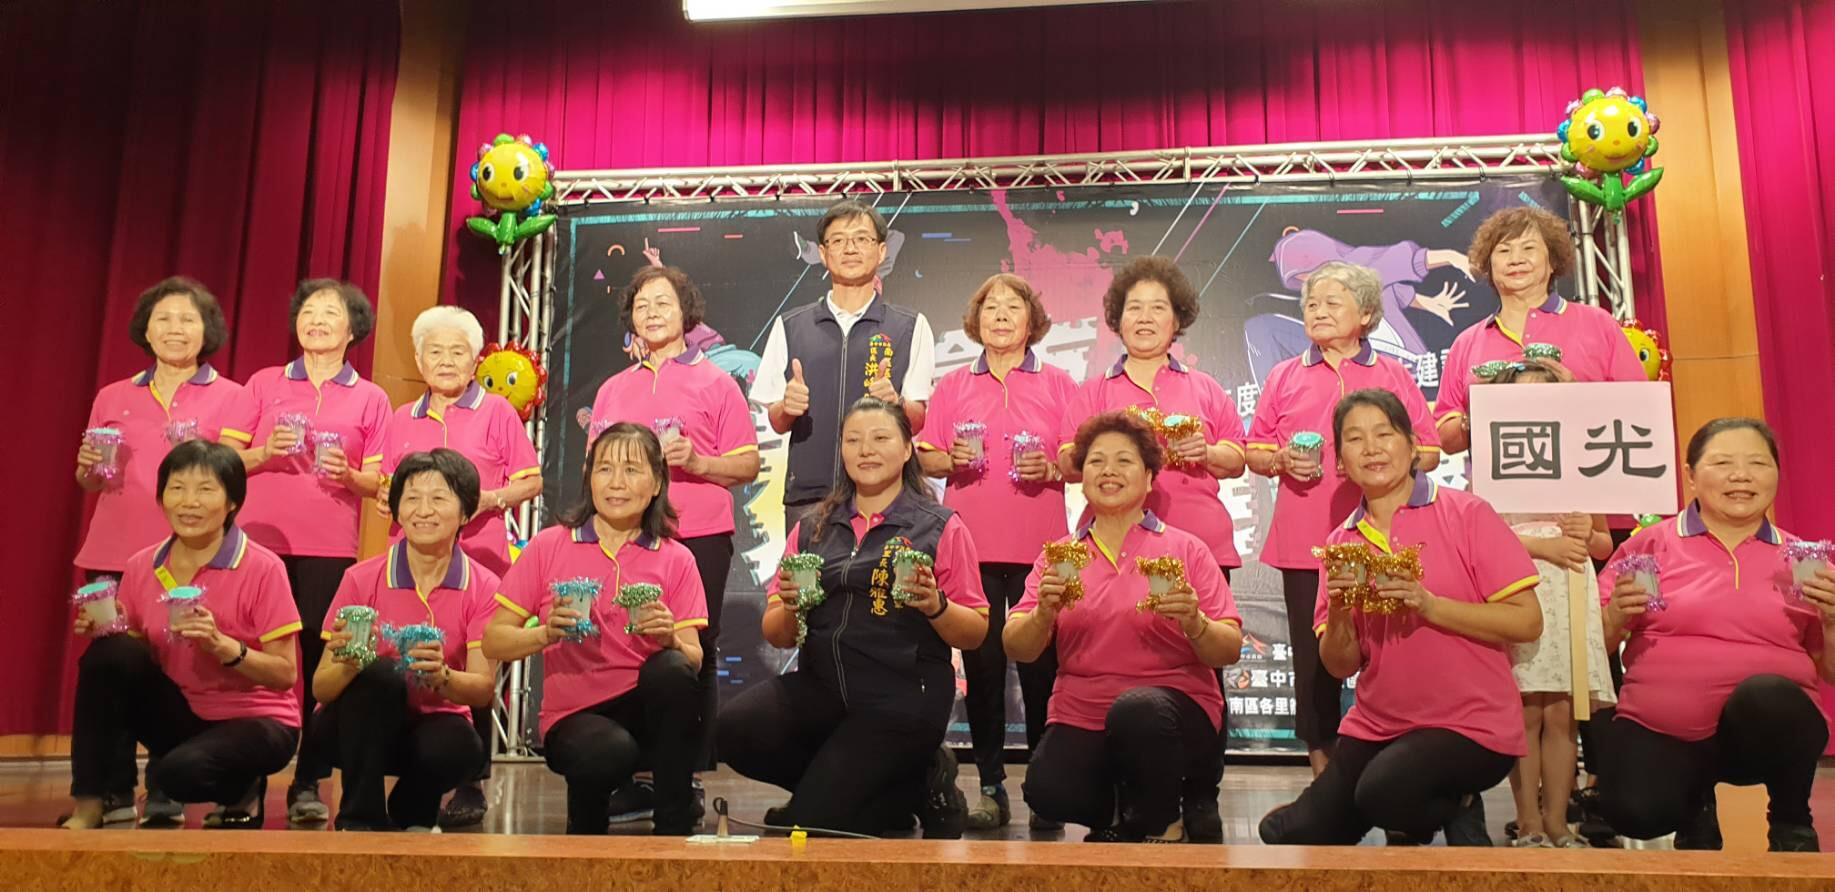 南區公所防疫新生活運動 91歲阿嬤熱情參與舞蹈表演。(記者林志強翻攝)